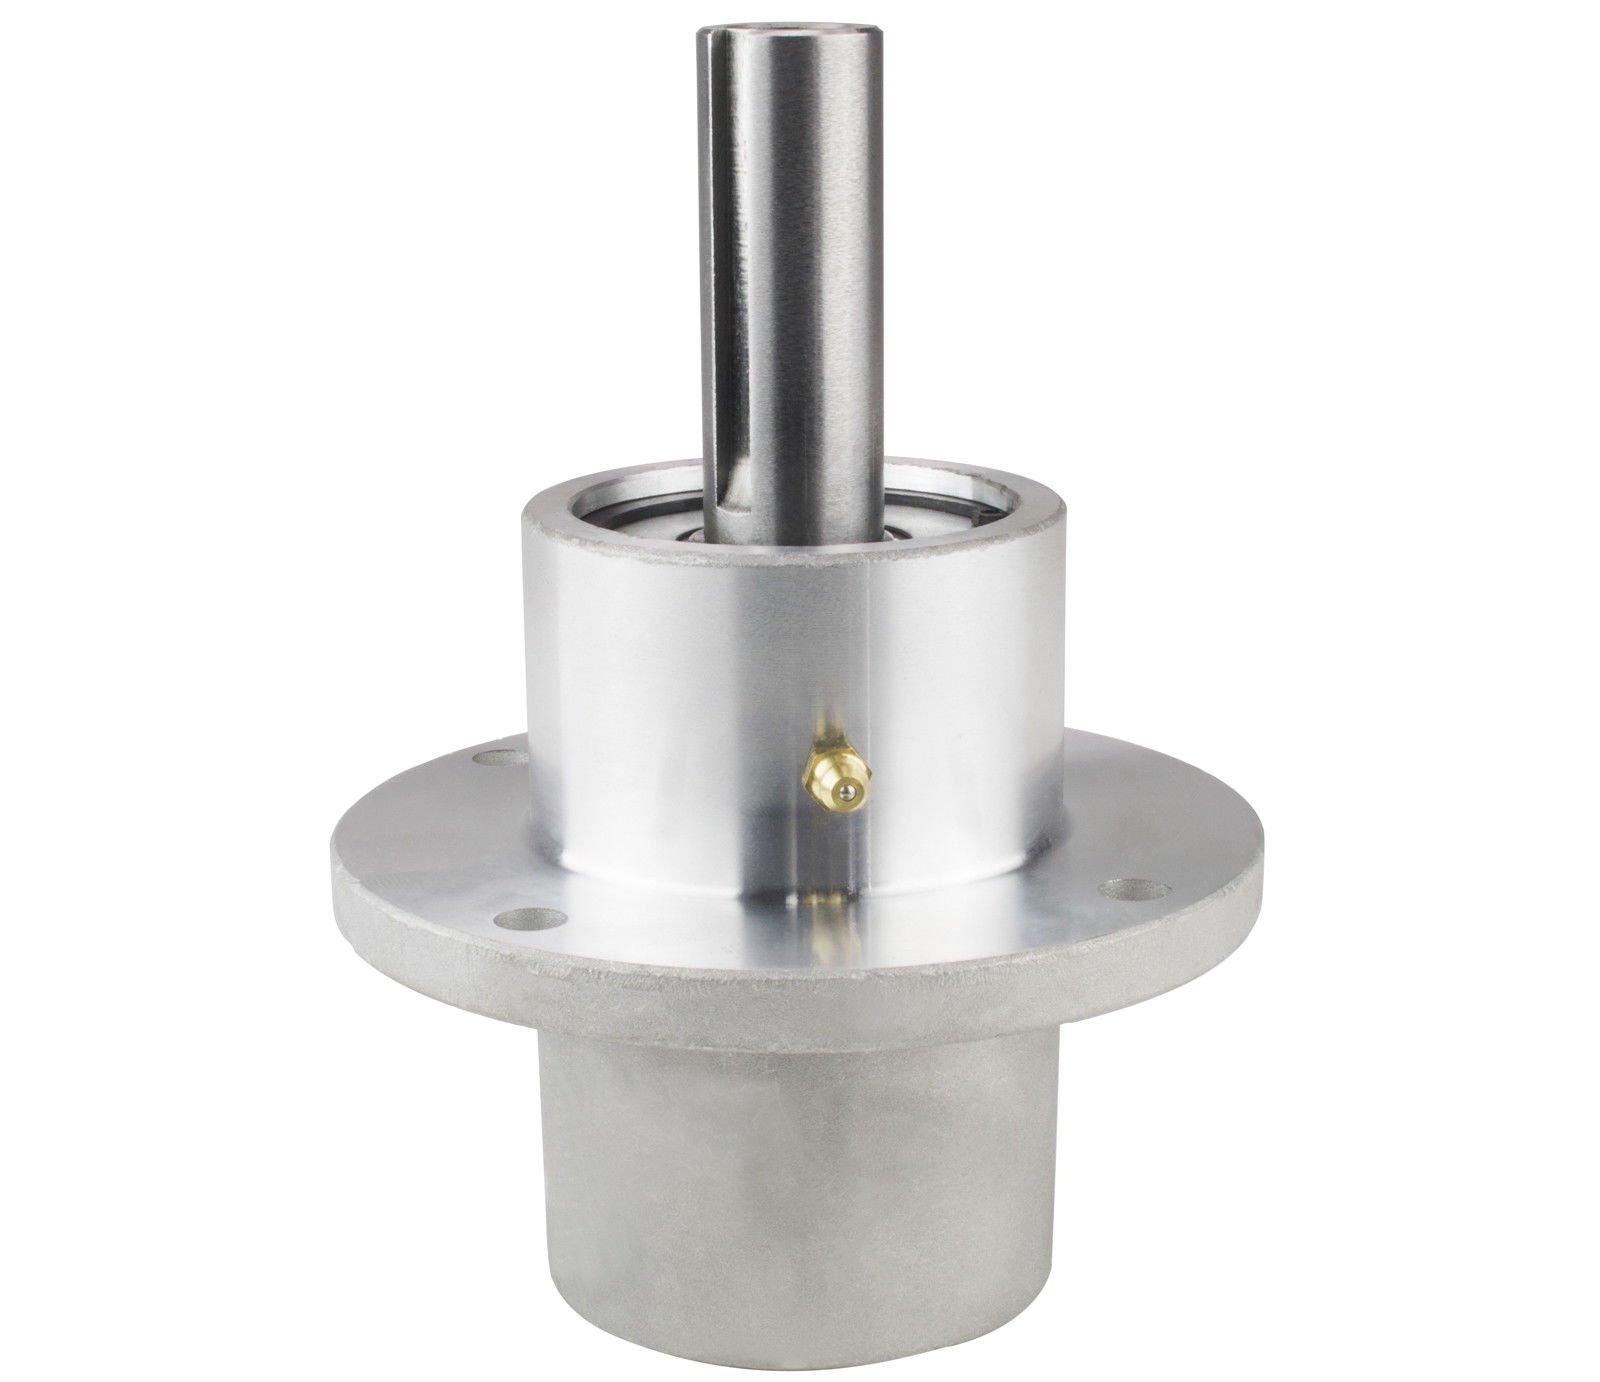 Lumix GC Spindle For Scag SMTC-61A SMVR-36A SMVR-48V SMVR-52 SMWC-61 Mowers